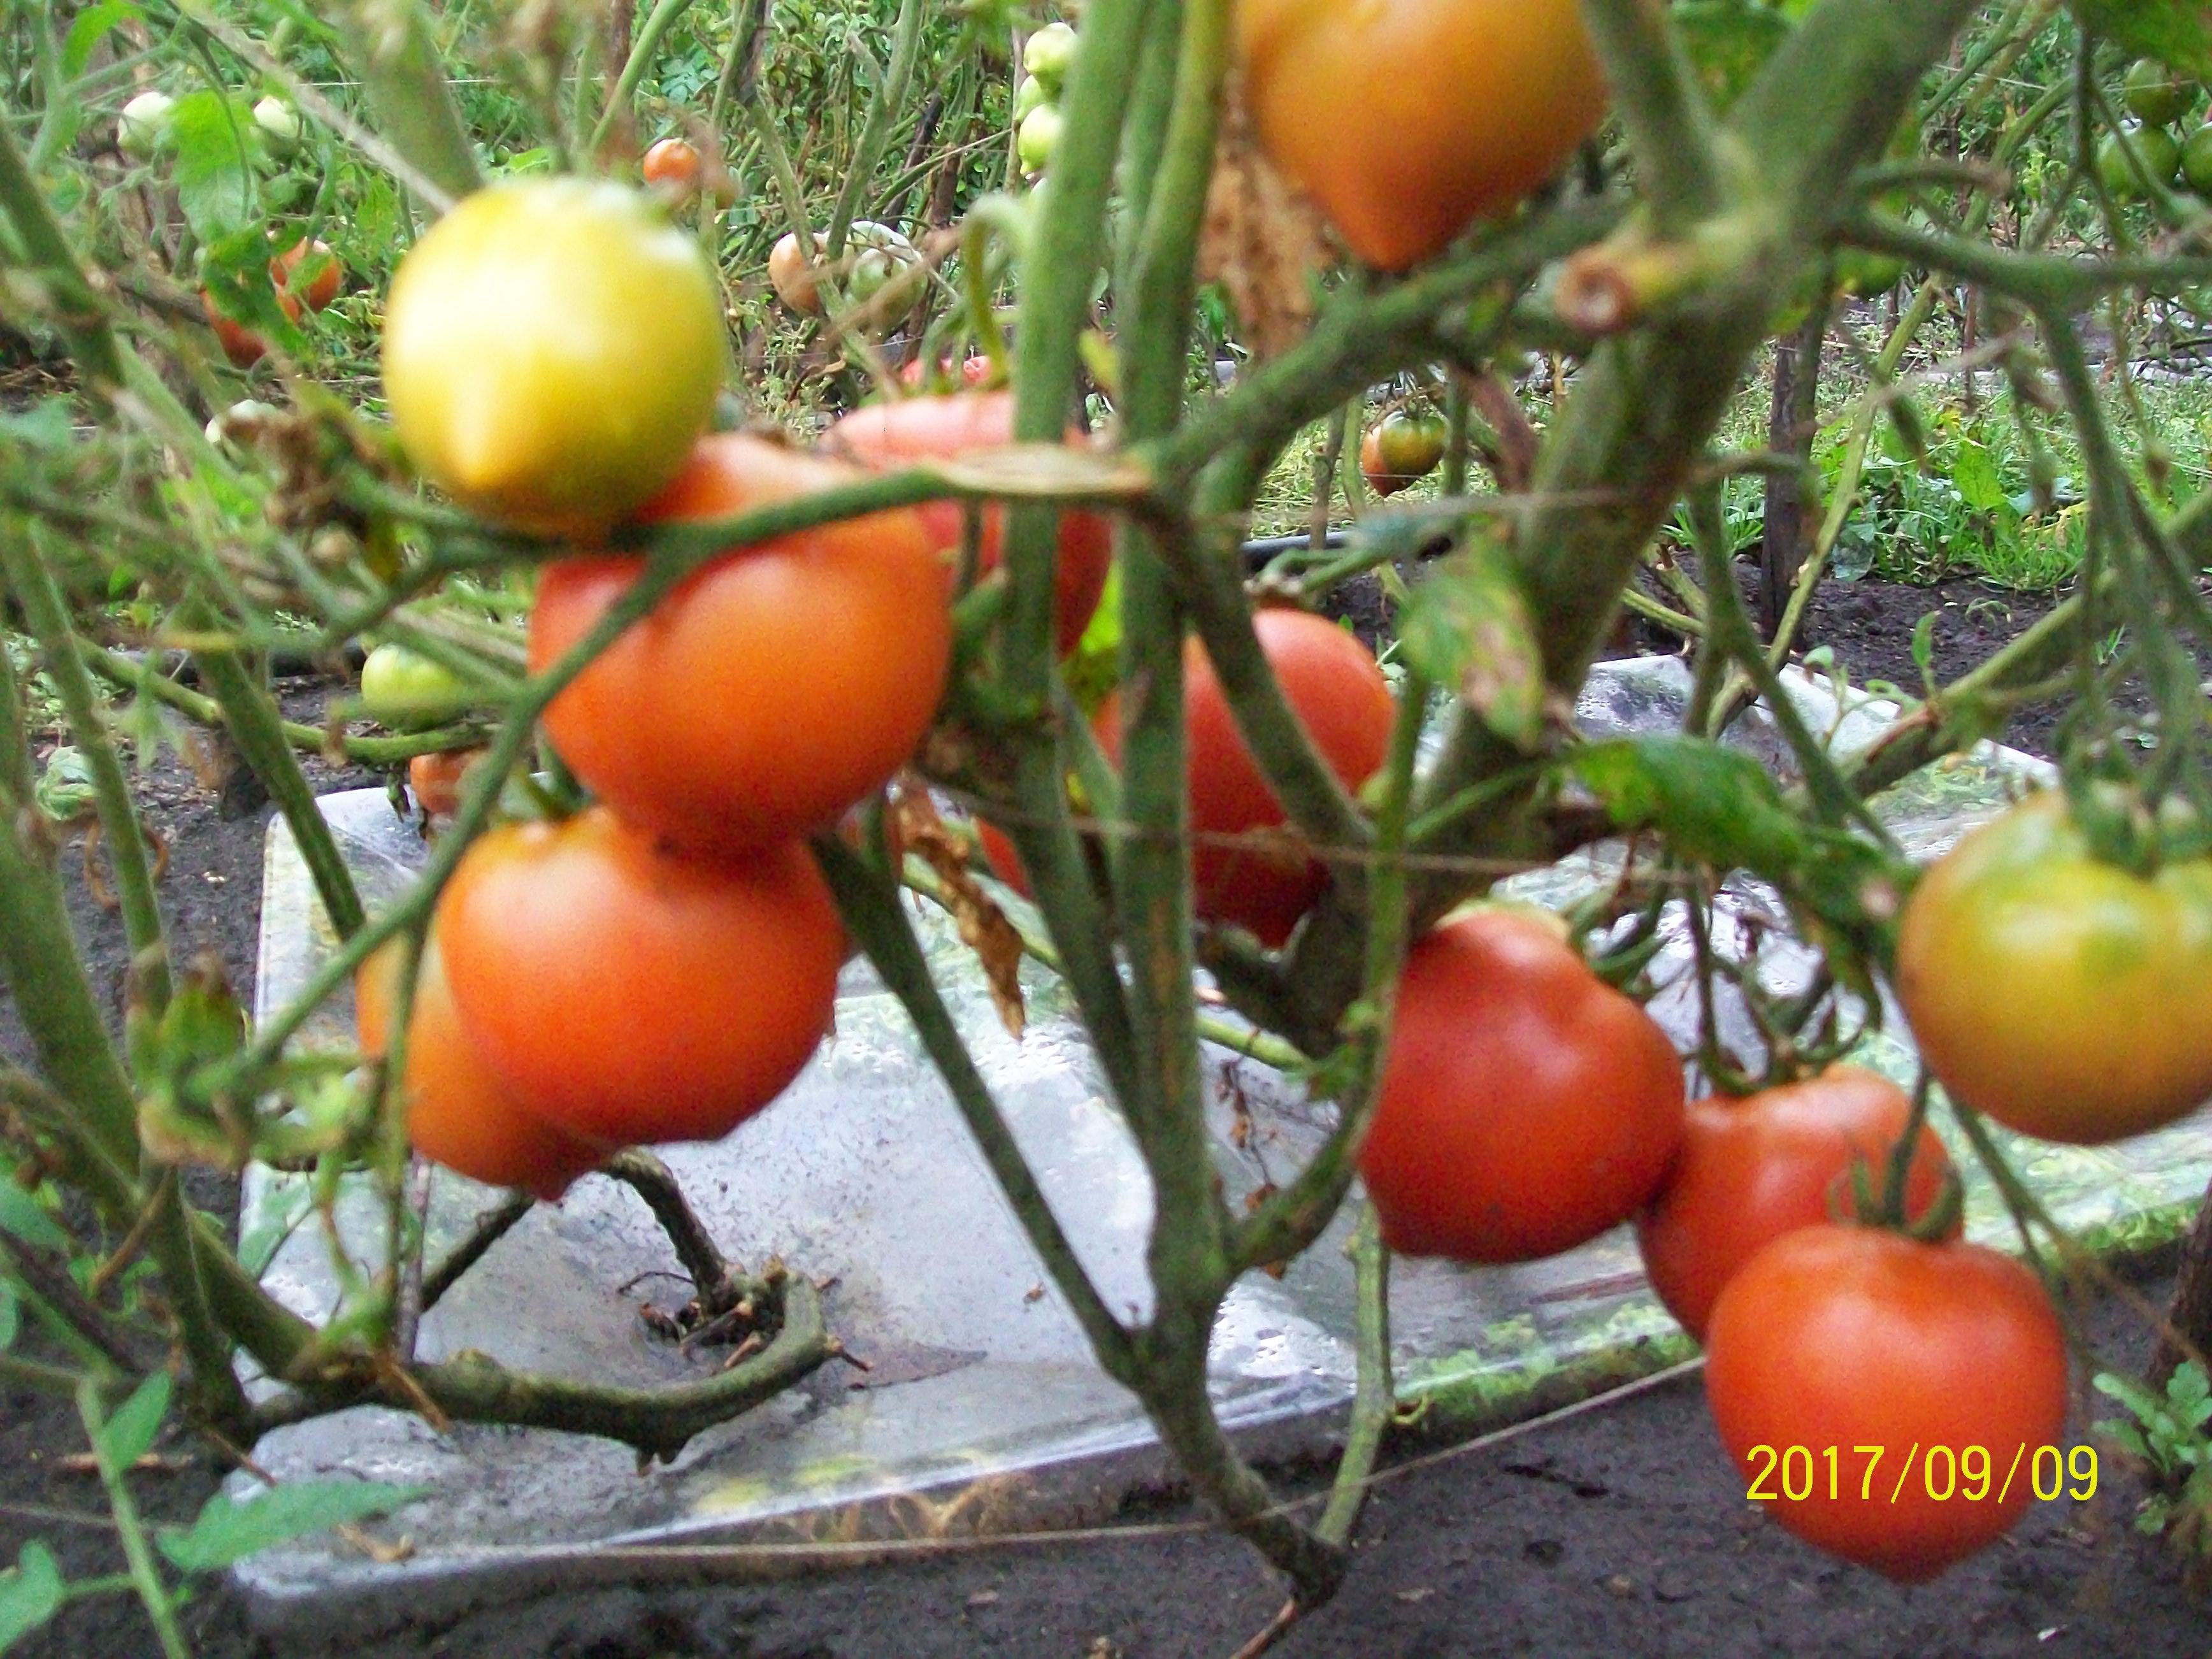 Томаты в агропанелях и осенью дают вкусные сочные плоды открытого грунта, заболеваний в этом году не зафиксировано. Уфа, сентябрь 2017.